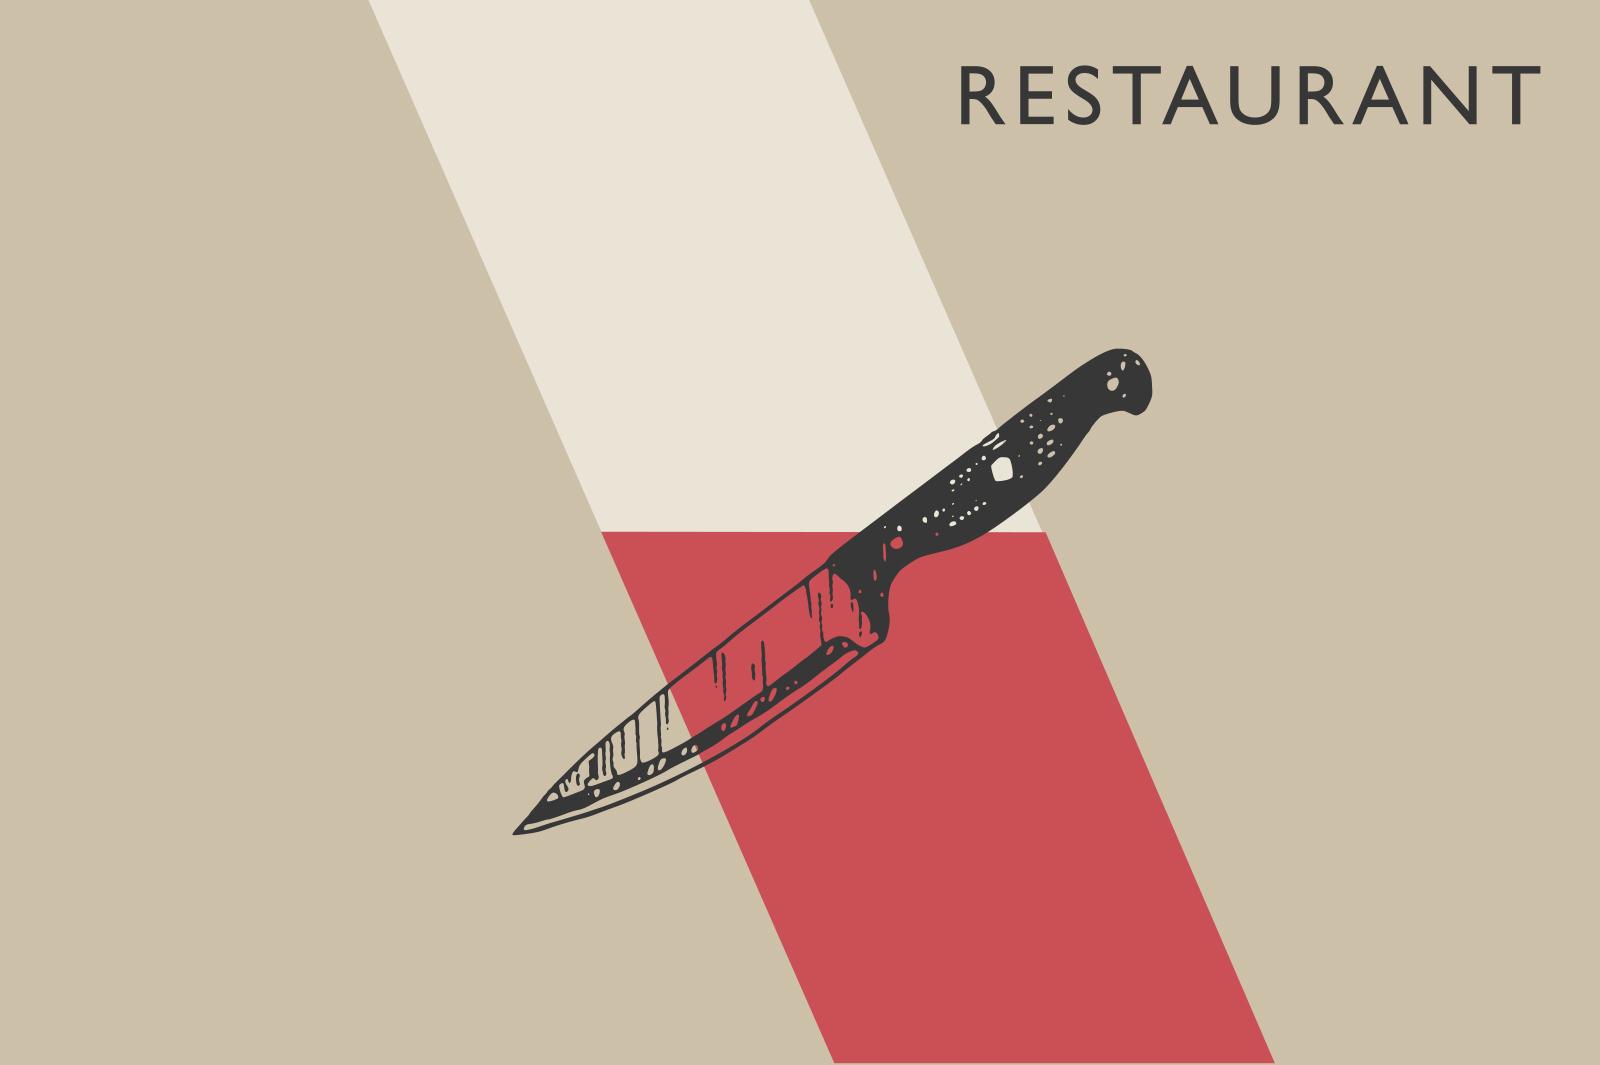 pampa_restaurant2